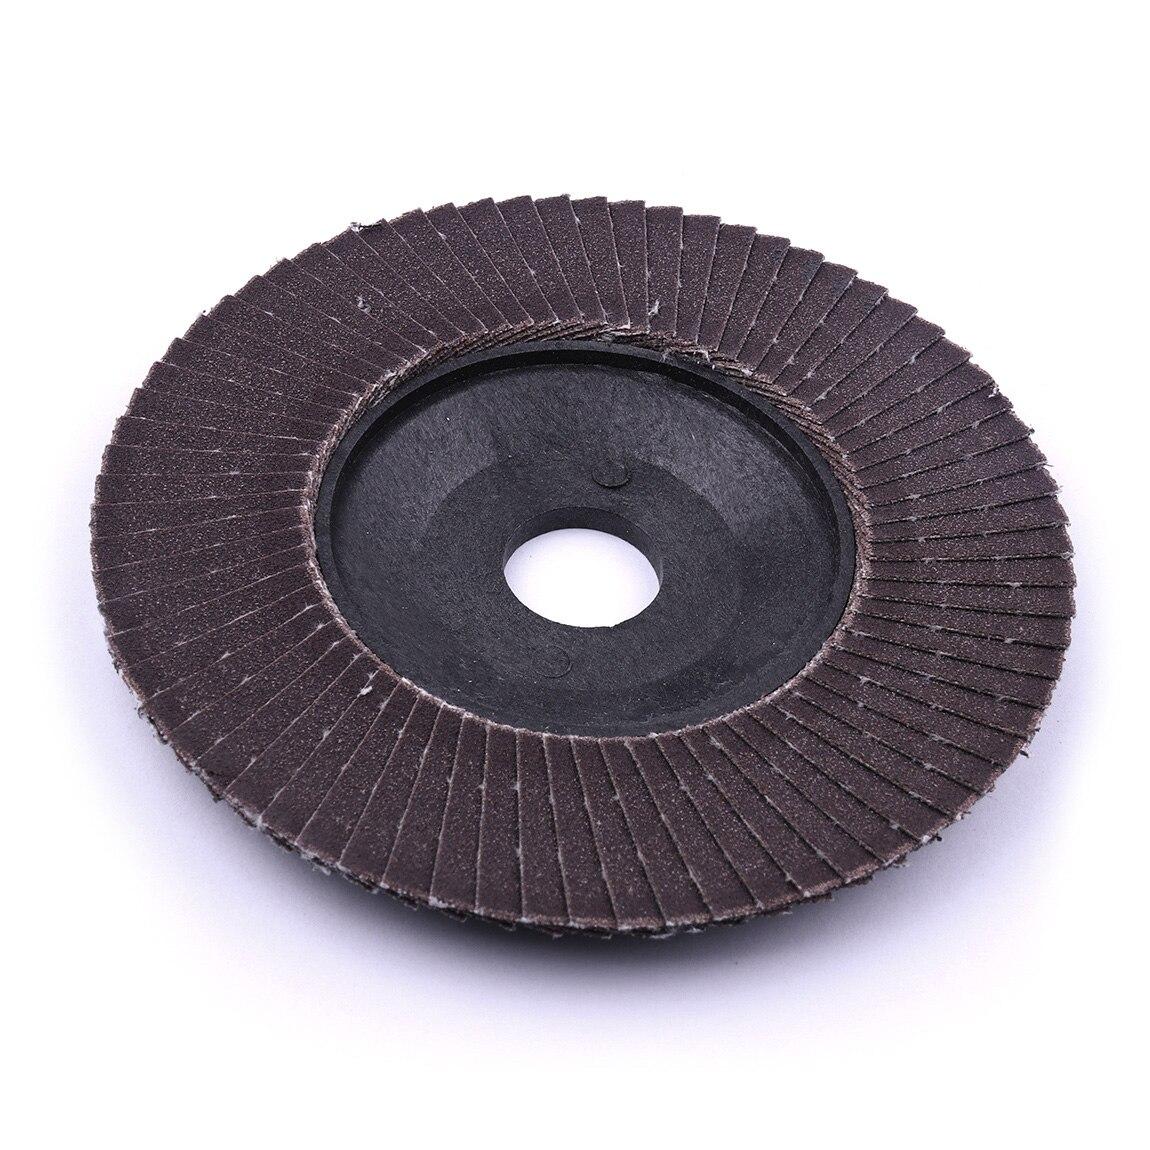 20 pcs 4 Pouces Flap Ponçage Meule Oxyde D'aluminium A/O 320/240/180/120 /80 Grit